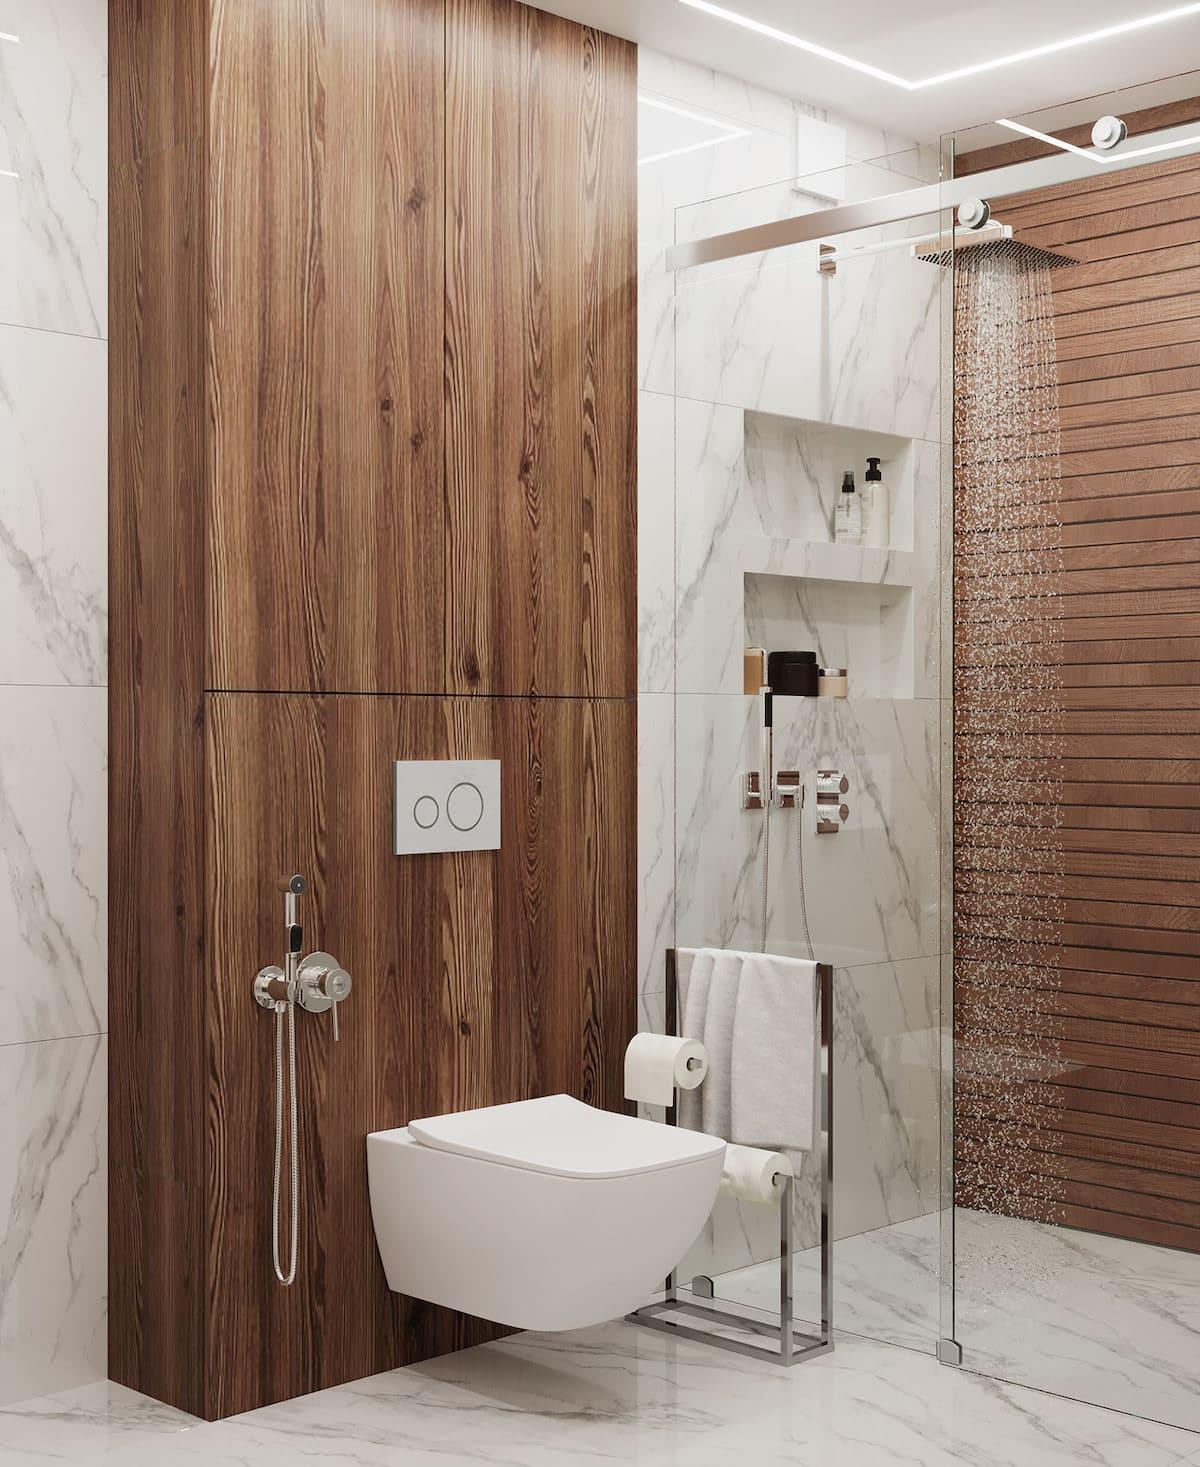 дизайн интерьера ванной комнаты фото 49